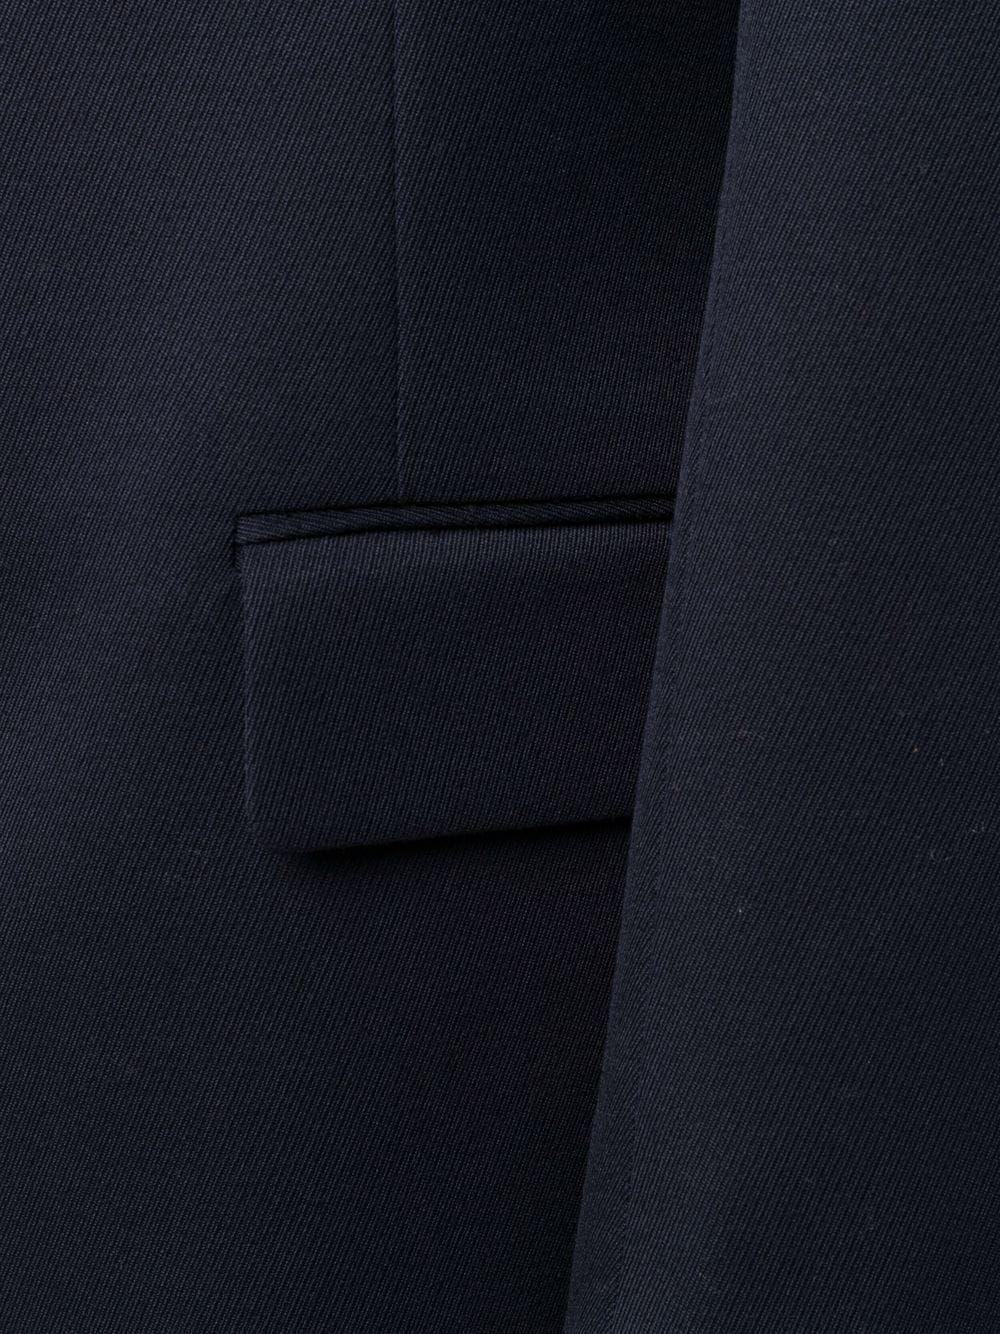 Maison margiela giacconi blu - Maison Margiela